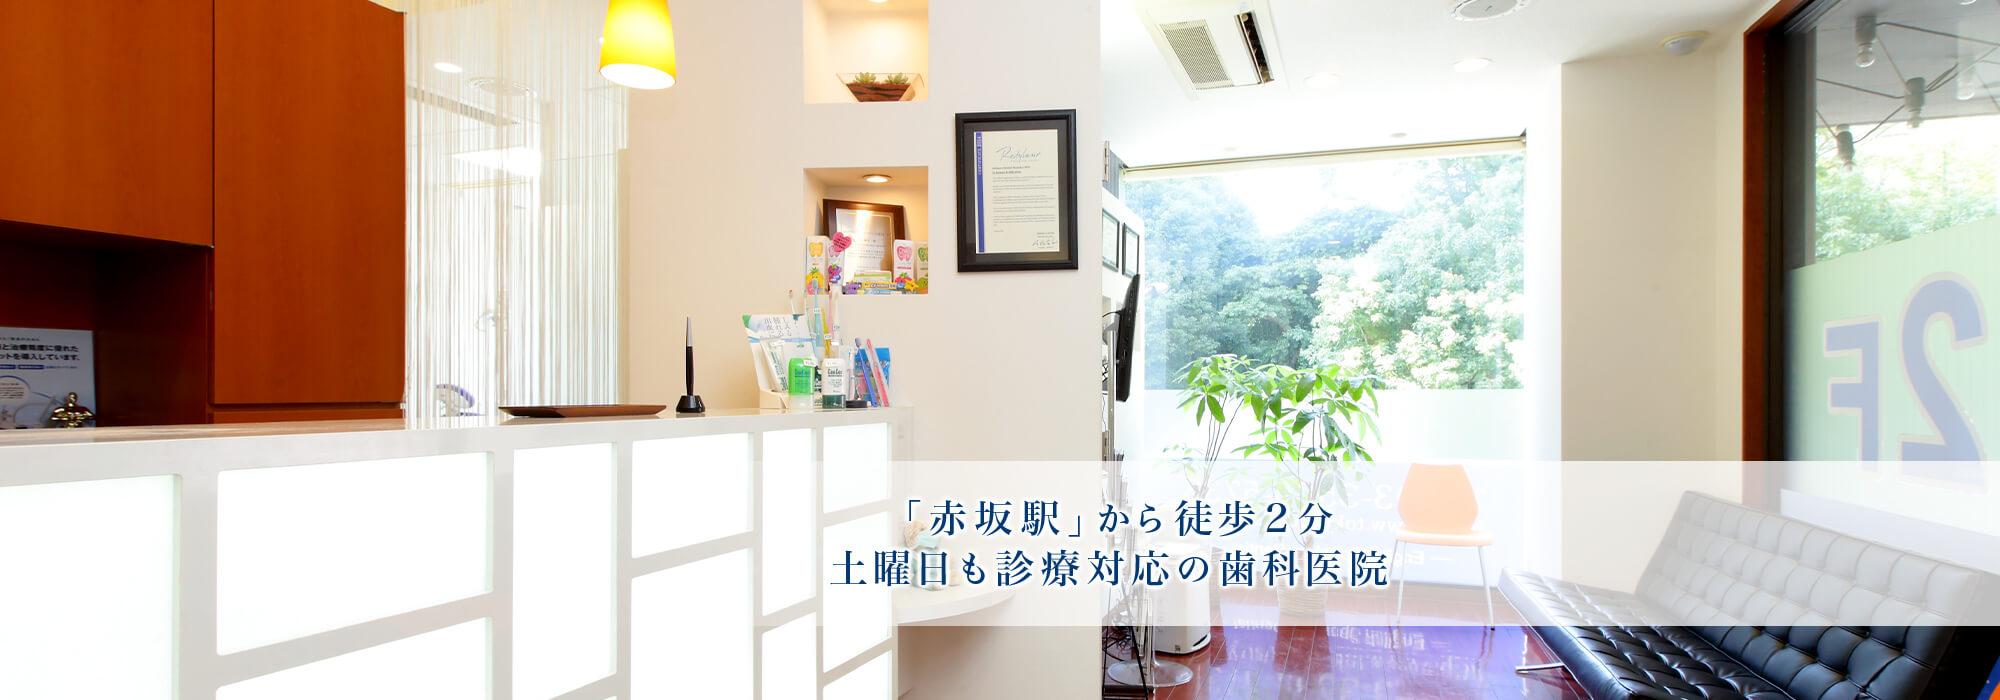 「赤坂駅」から徒歩2分土曜日も診療対応の歯科医院